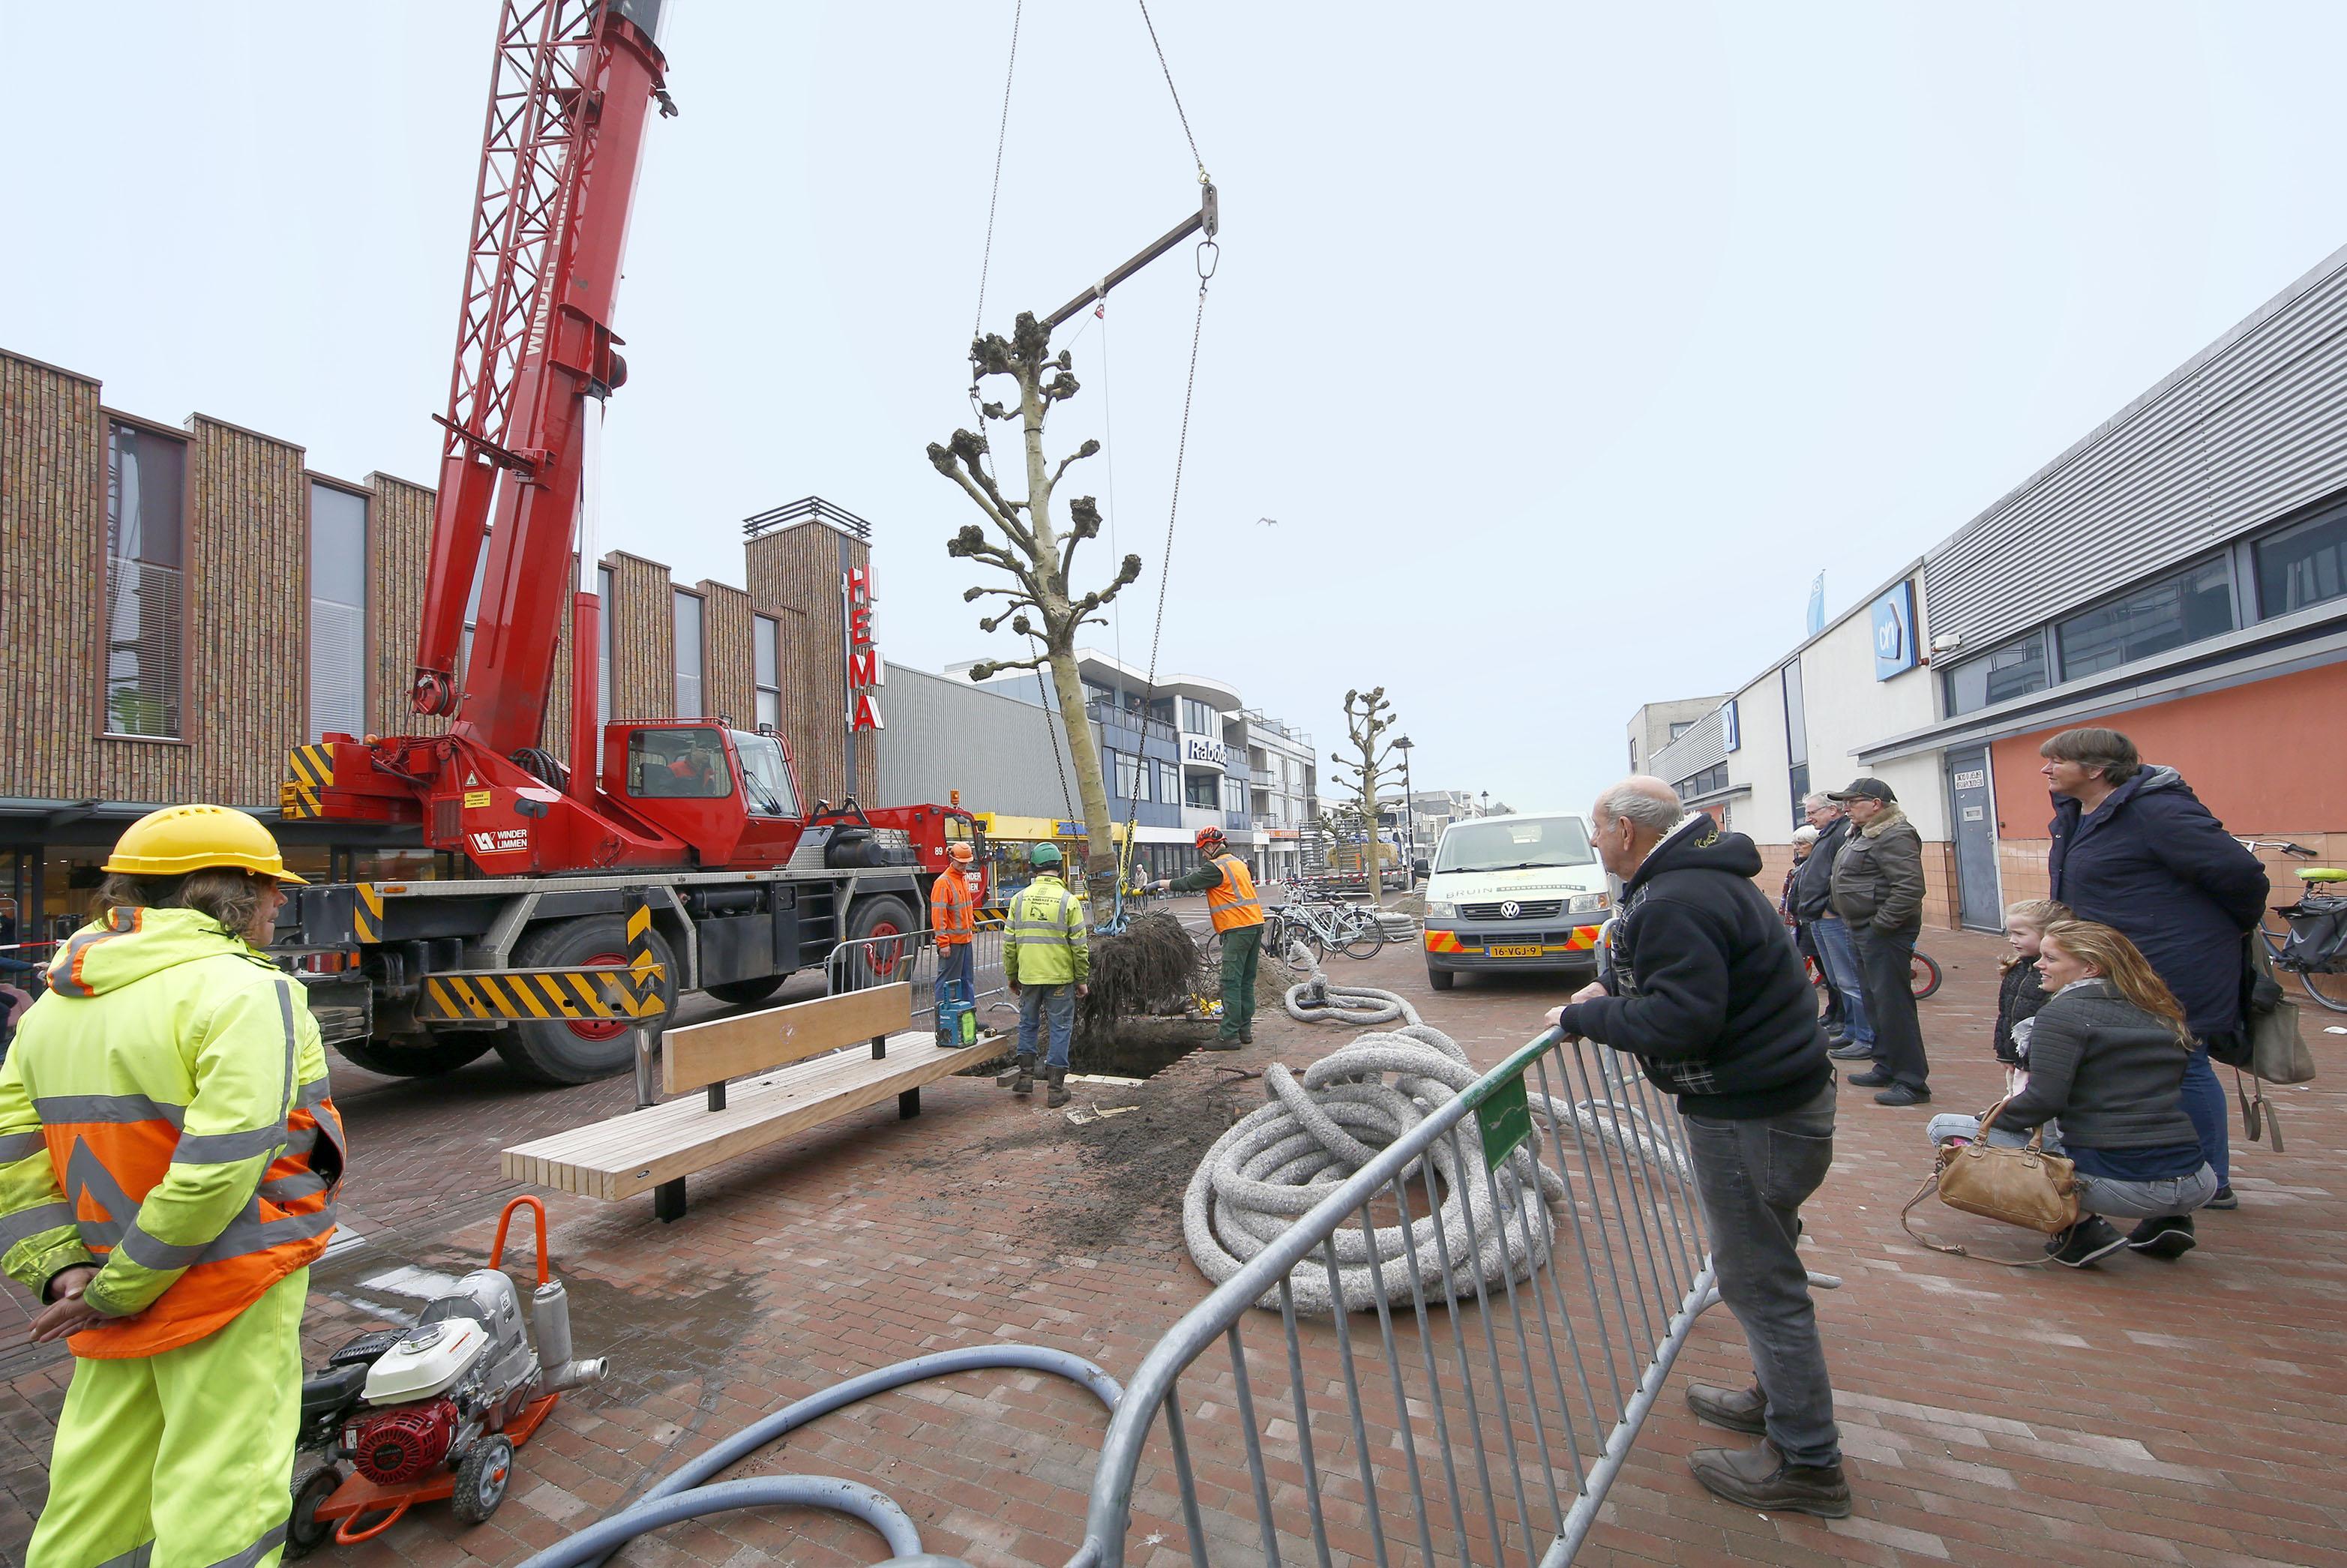 Platanen terug in hartje Schagen na logeerpartij in nieuw Zijper 'Bomenhotel'